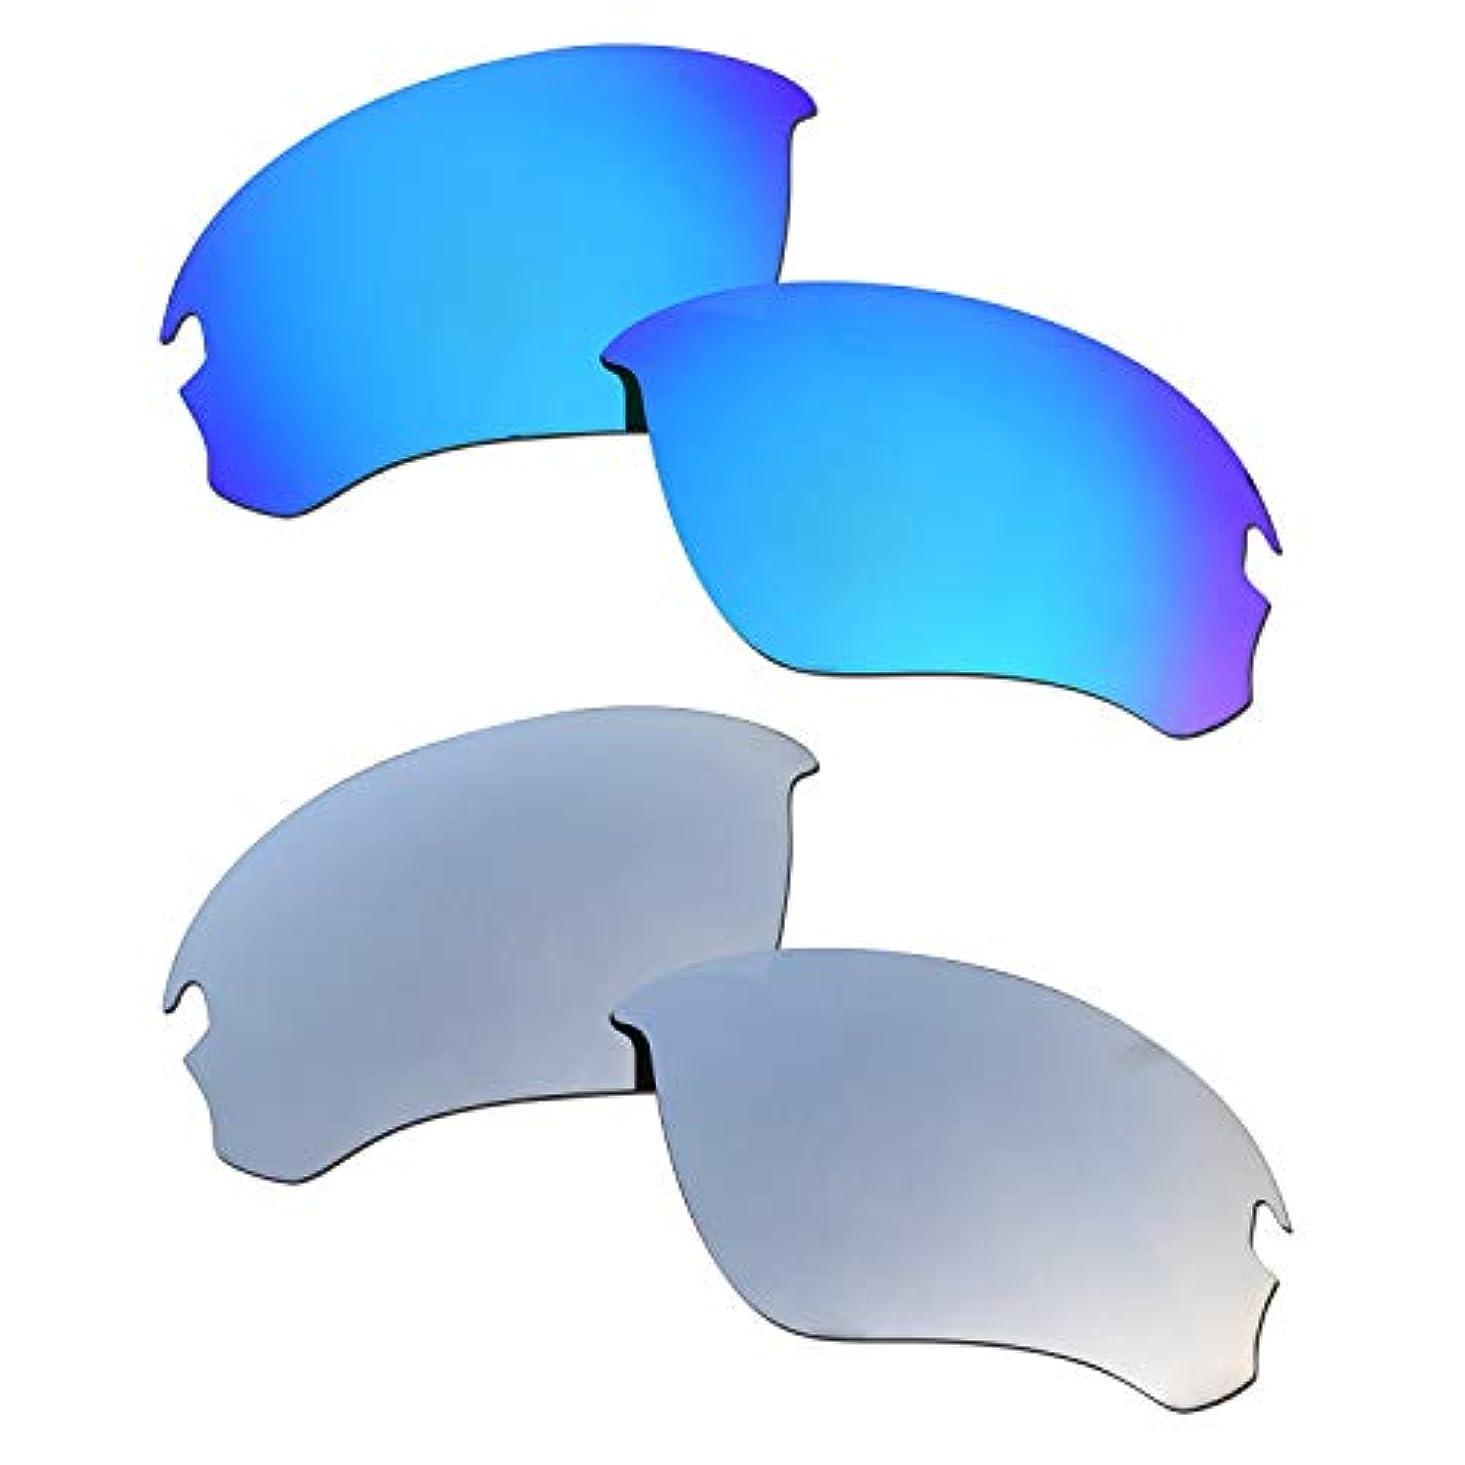 昆虫問い合わせるコンプライアンスSOODASE 為に Oakley Flak Draft サングラス ブルー/ぎんいろ 2 ペア 偏光交換使用するレンズ